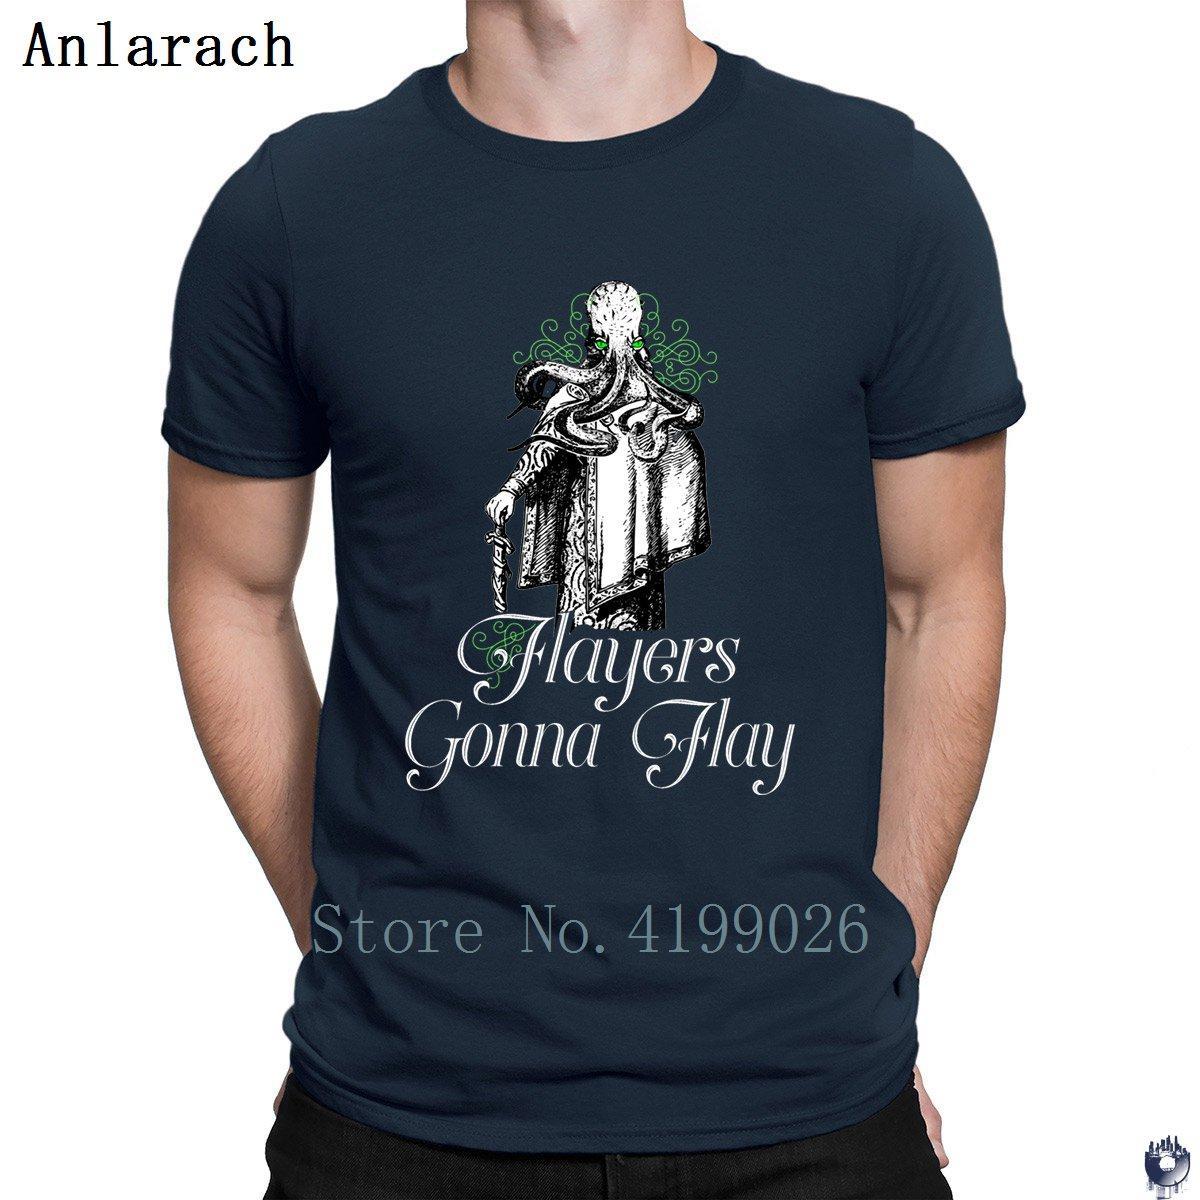 Mindflayers gehend Flay Dungeons and Dragons Dnd Memes T-Shirt Sonnenlicht flippig dünne T-Shirts für Männer Benutzerdefinierte Kleidung T top